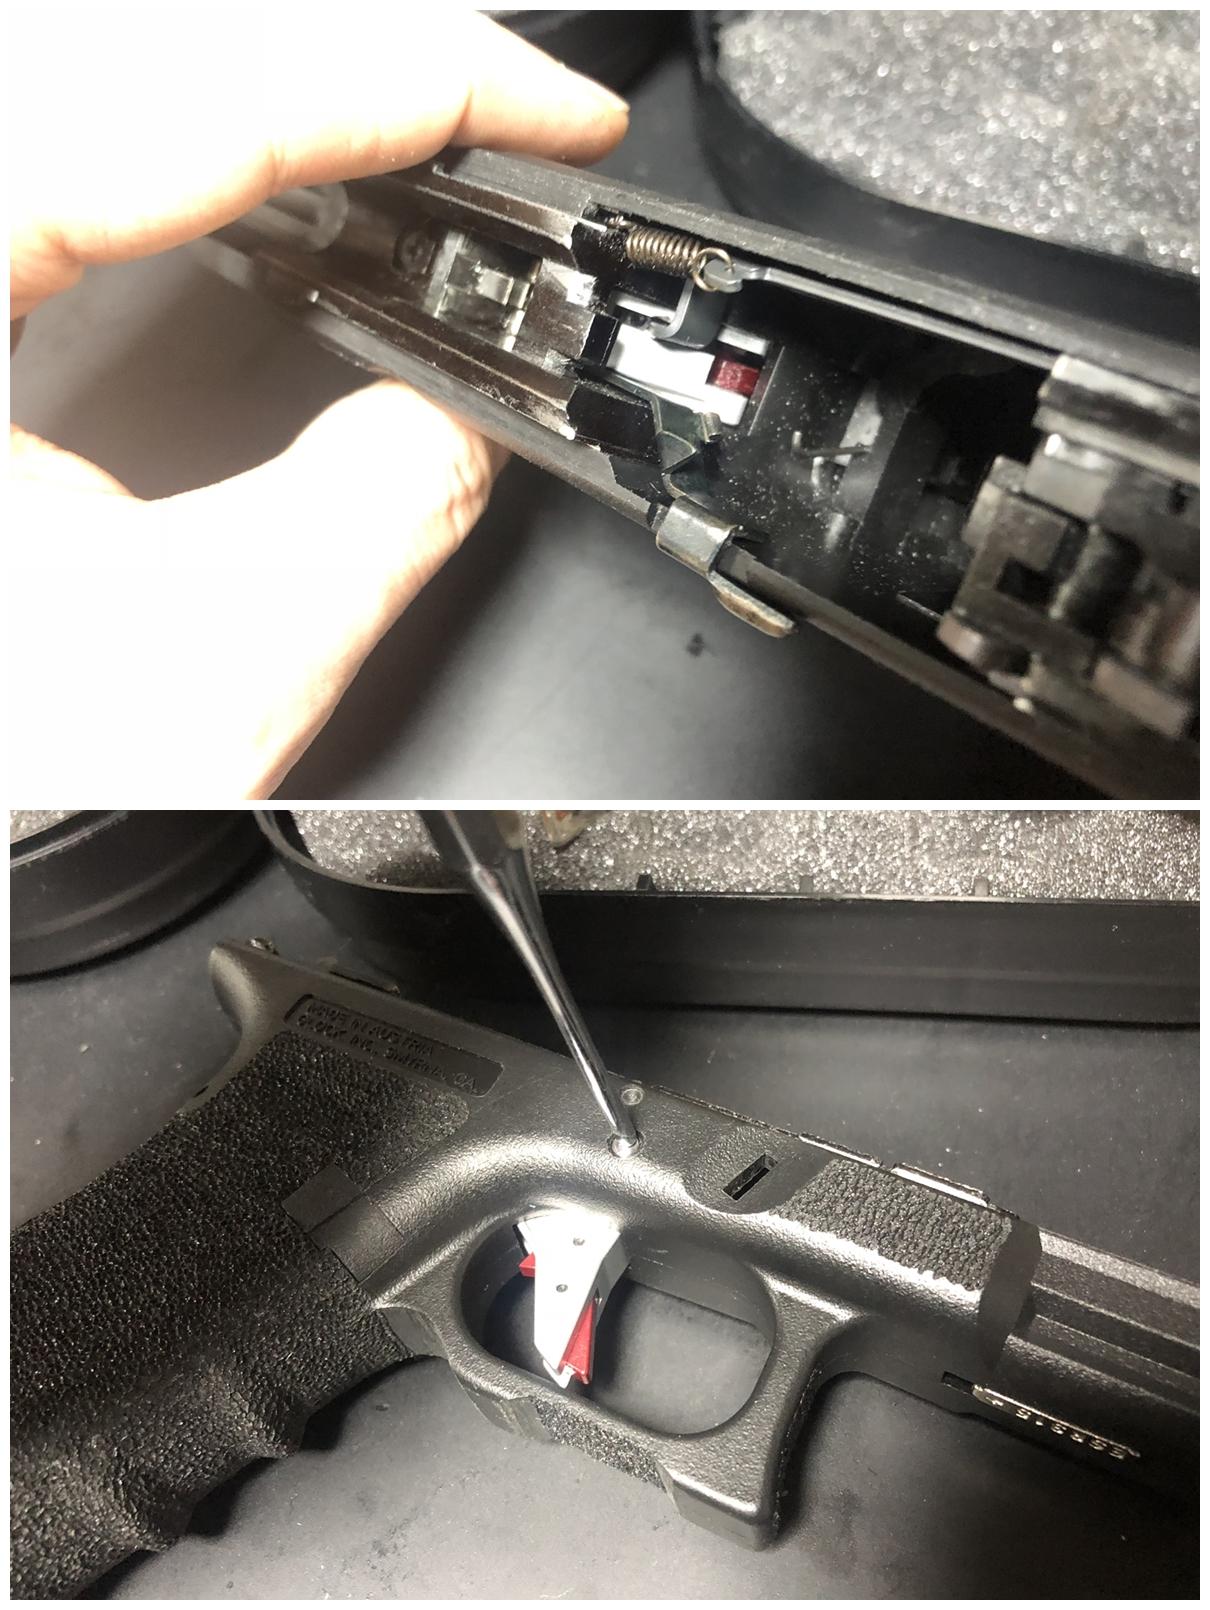 13 GLOCK 18C GBB スライドの動作不良を修理するぞ! GUARDER スチール トリガーバー & ガーダー スチール ノッカーロック 購入 分解 取付 修理 加工